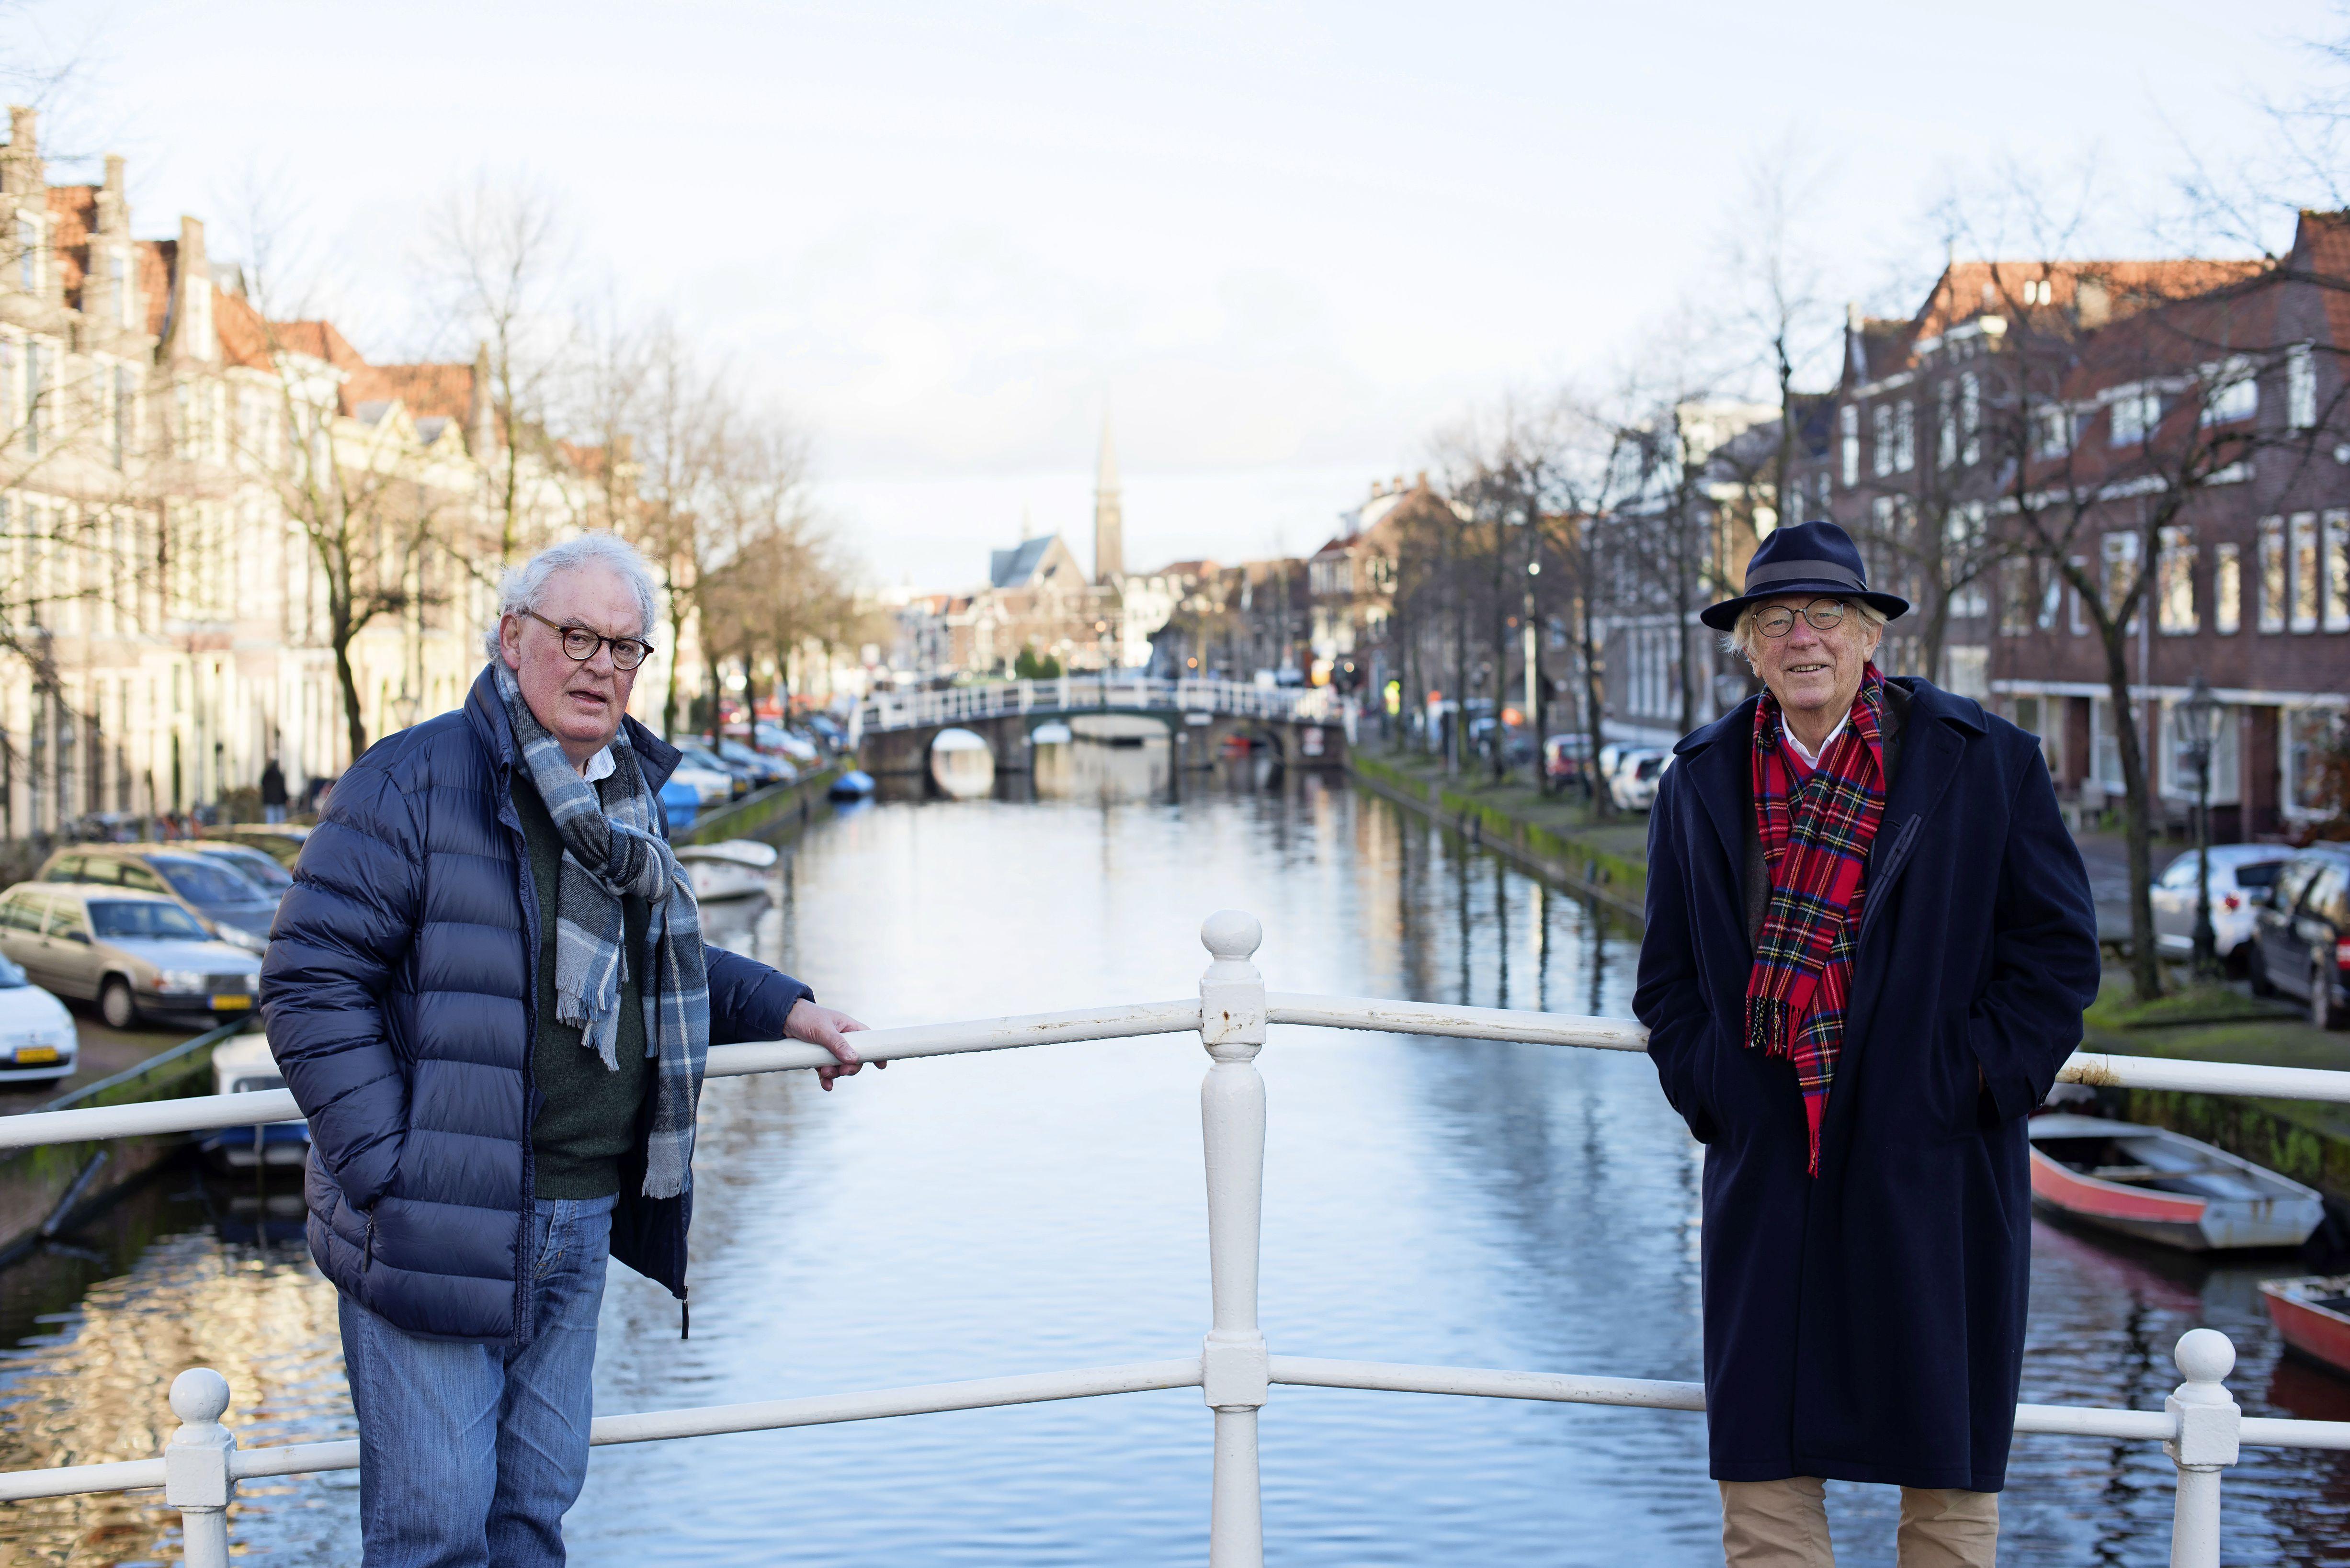 Bestuurswissel bij Historische Vereniging Oud Leiden: 'De gemeente neemt ons serieus, we krijgen alleen niet altijd gelijk'